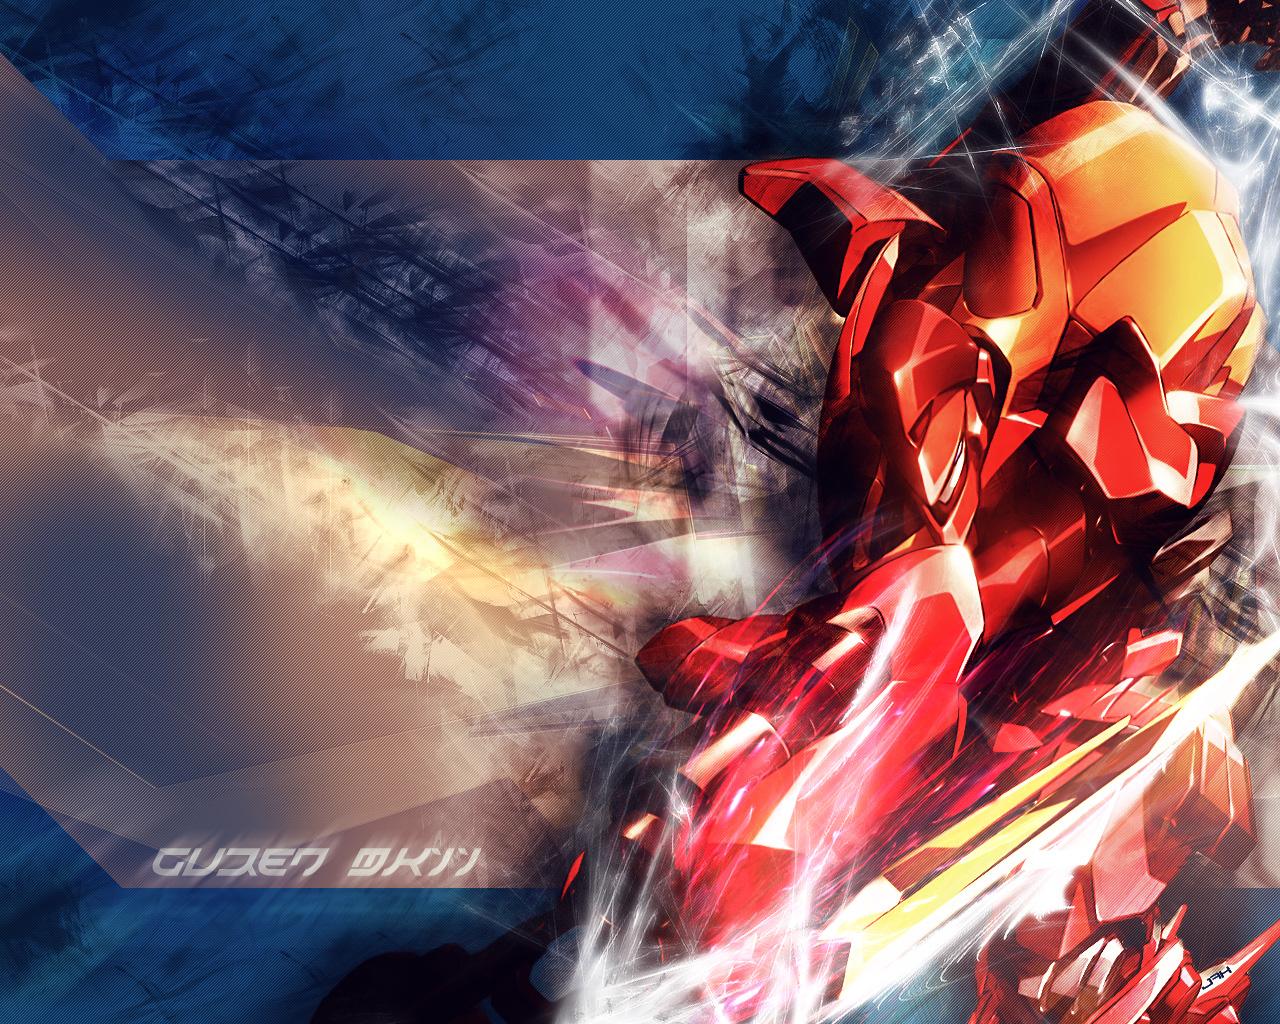 http://1.bp.blogspot.com/-B0Nr-B_BPcc/T_bUylNLB_I/AAAAAAAAAbc/lXhf24fVf0g/s1600/wallpaper-59280.jpg